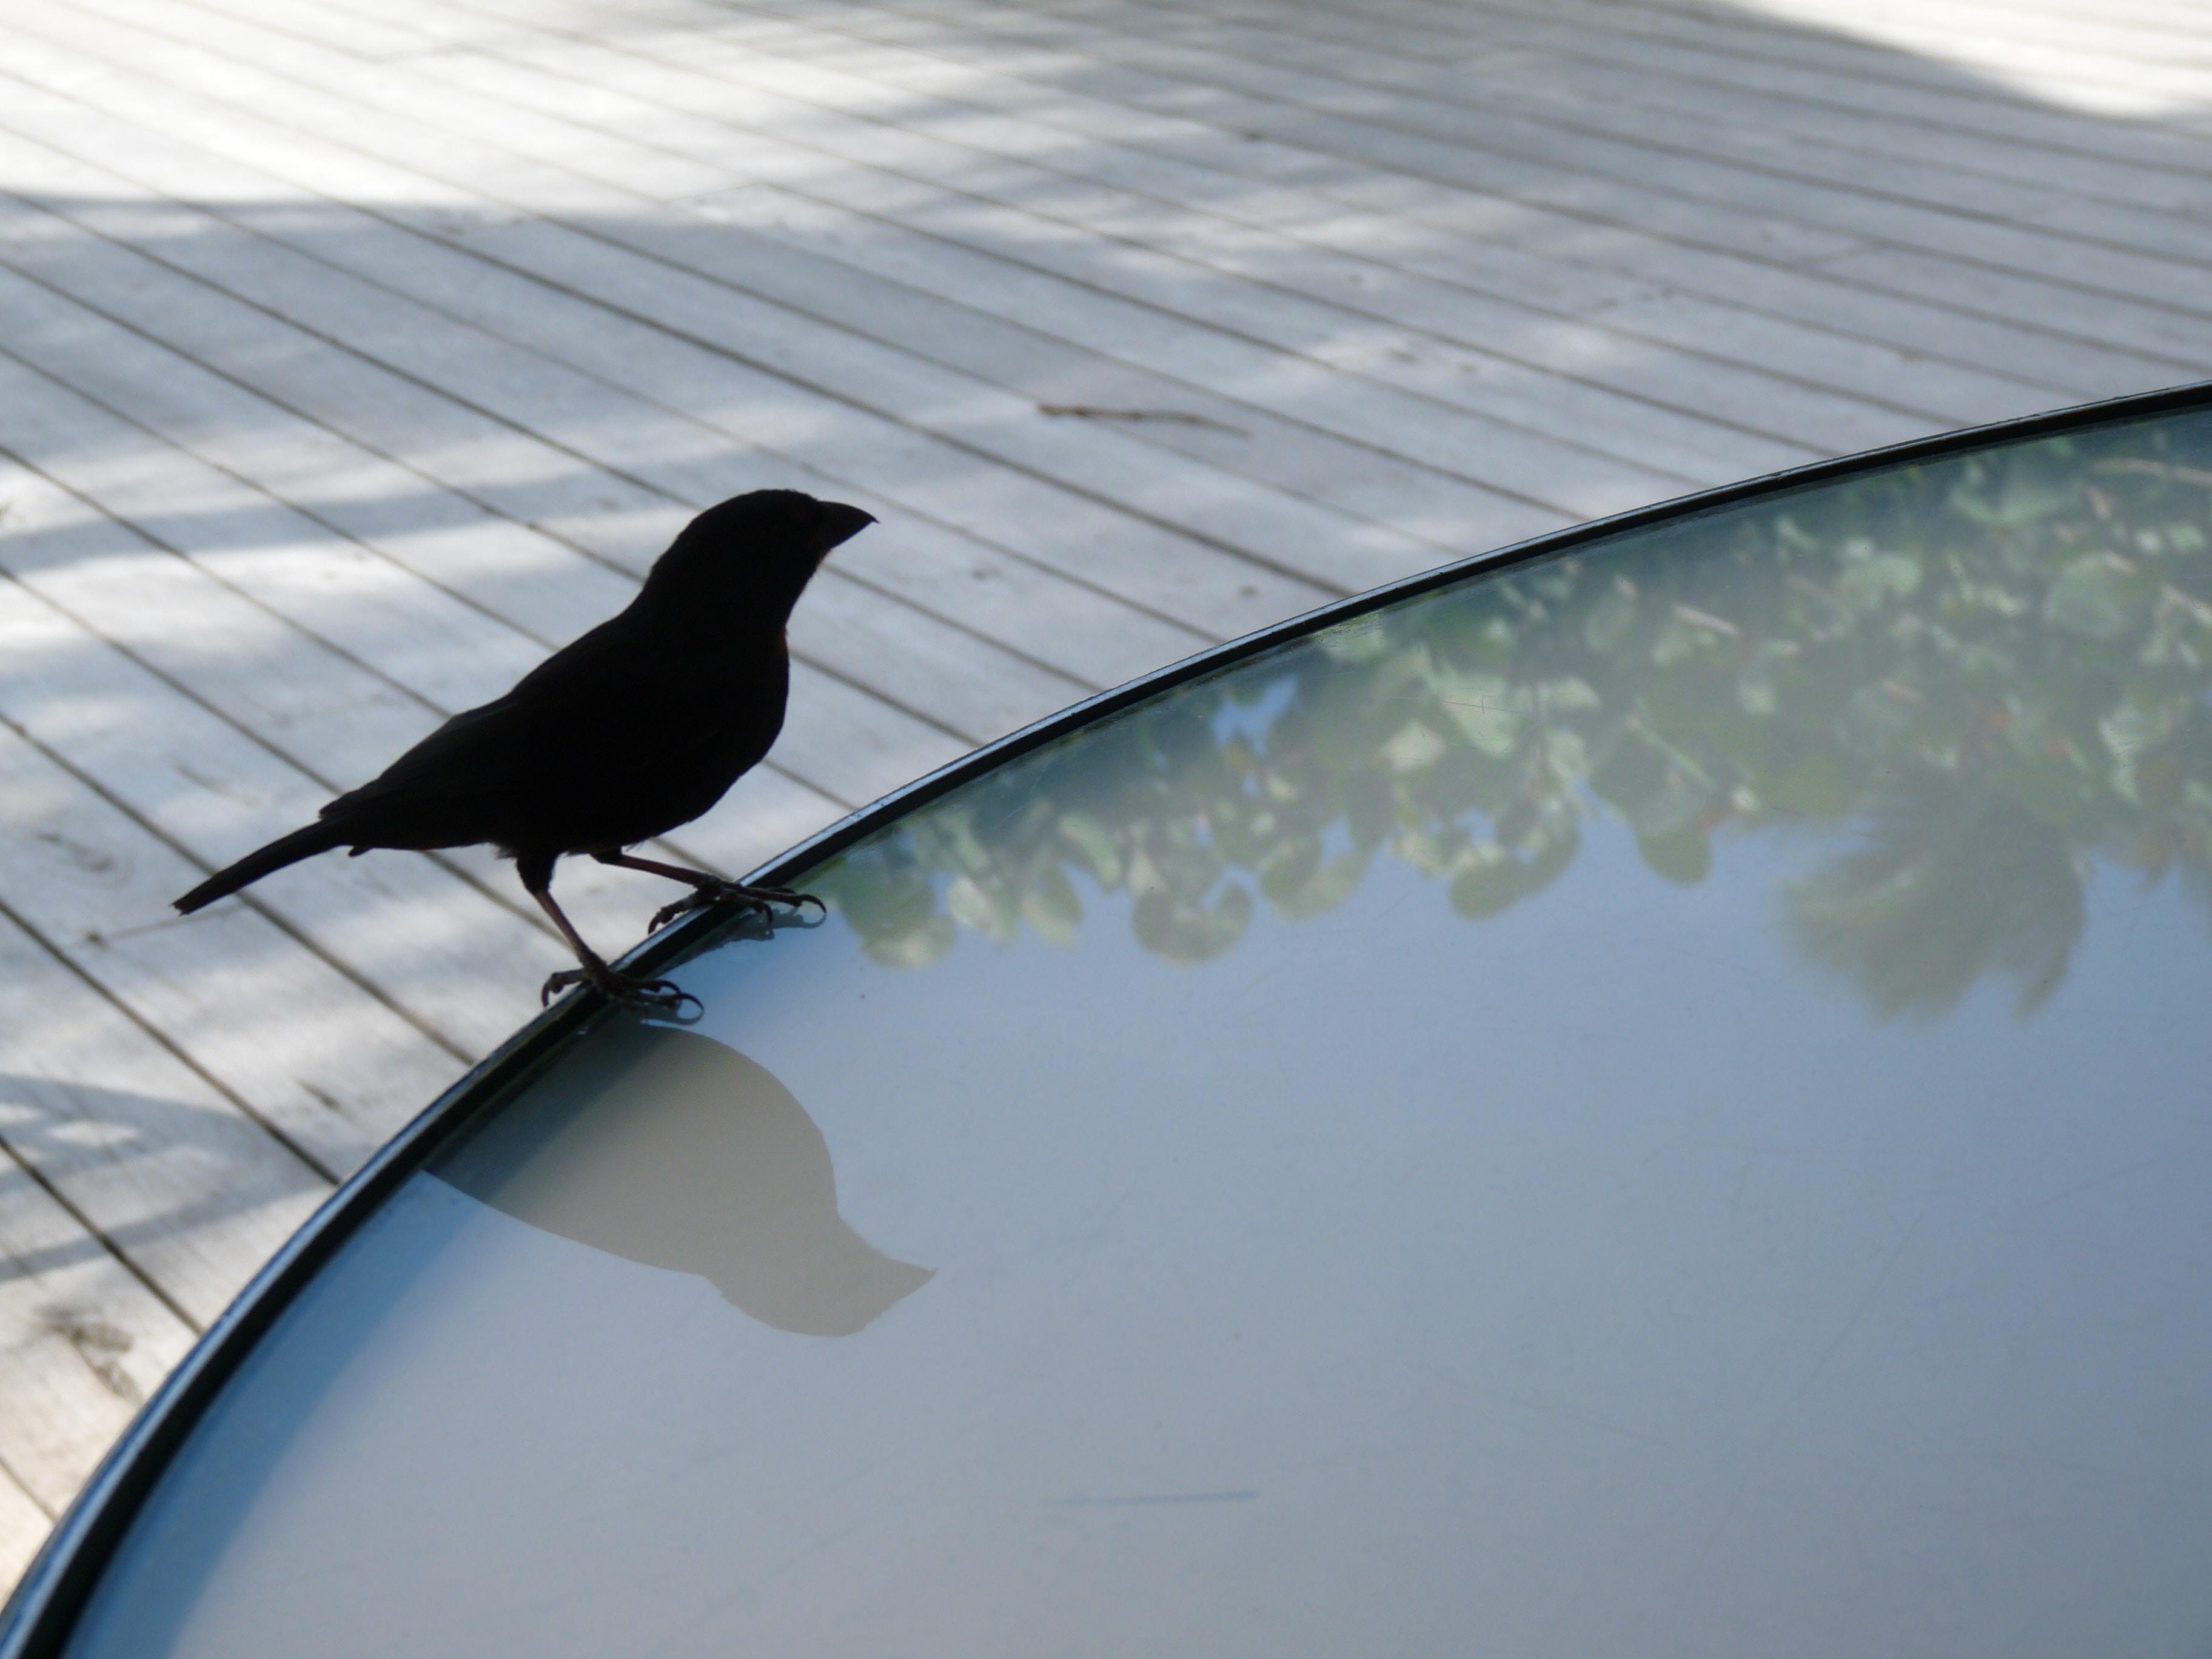 black bird on pool side